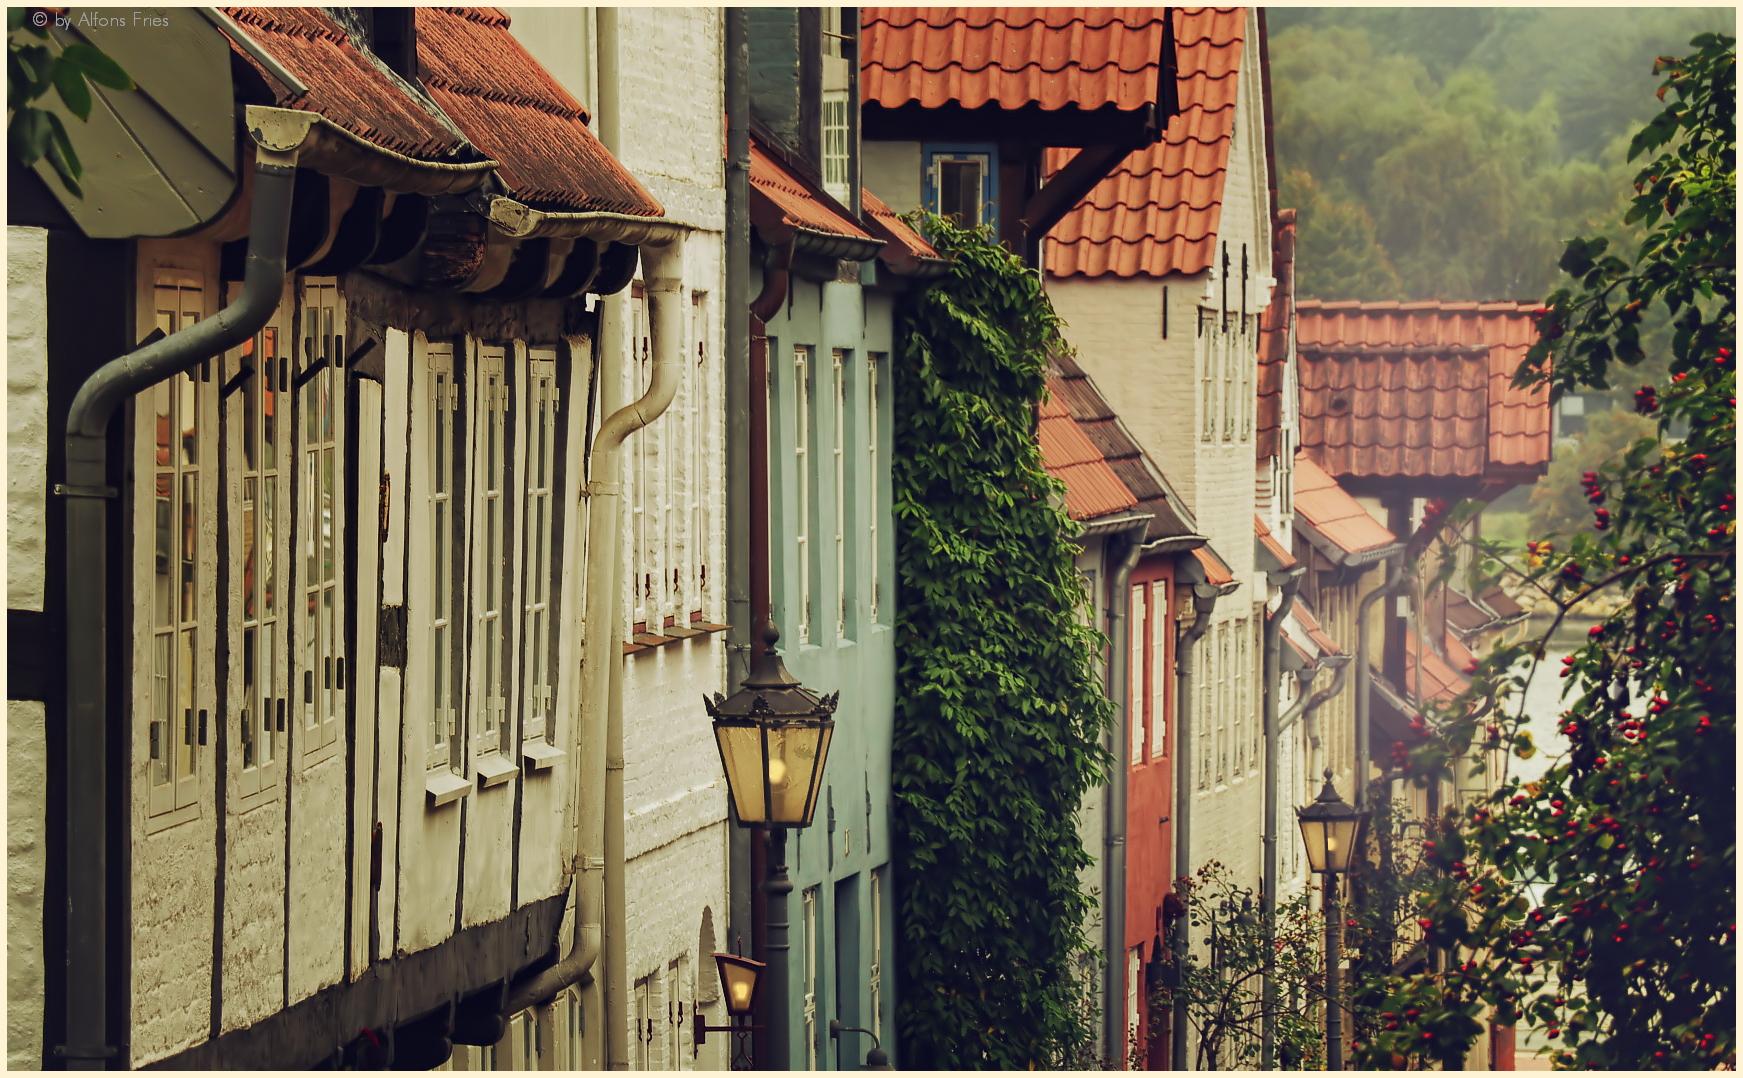 Flensburger Gässchen